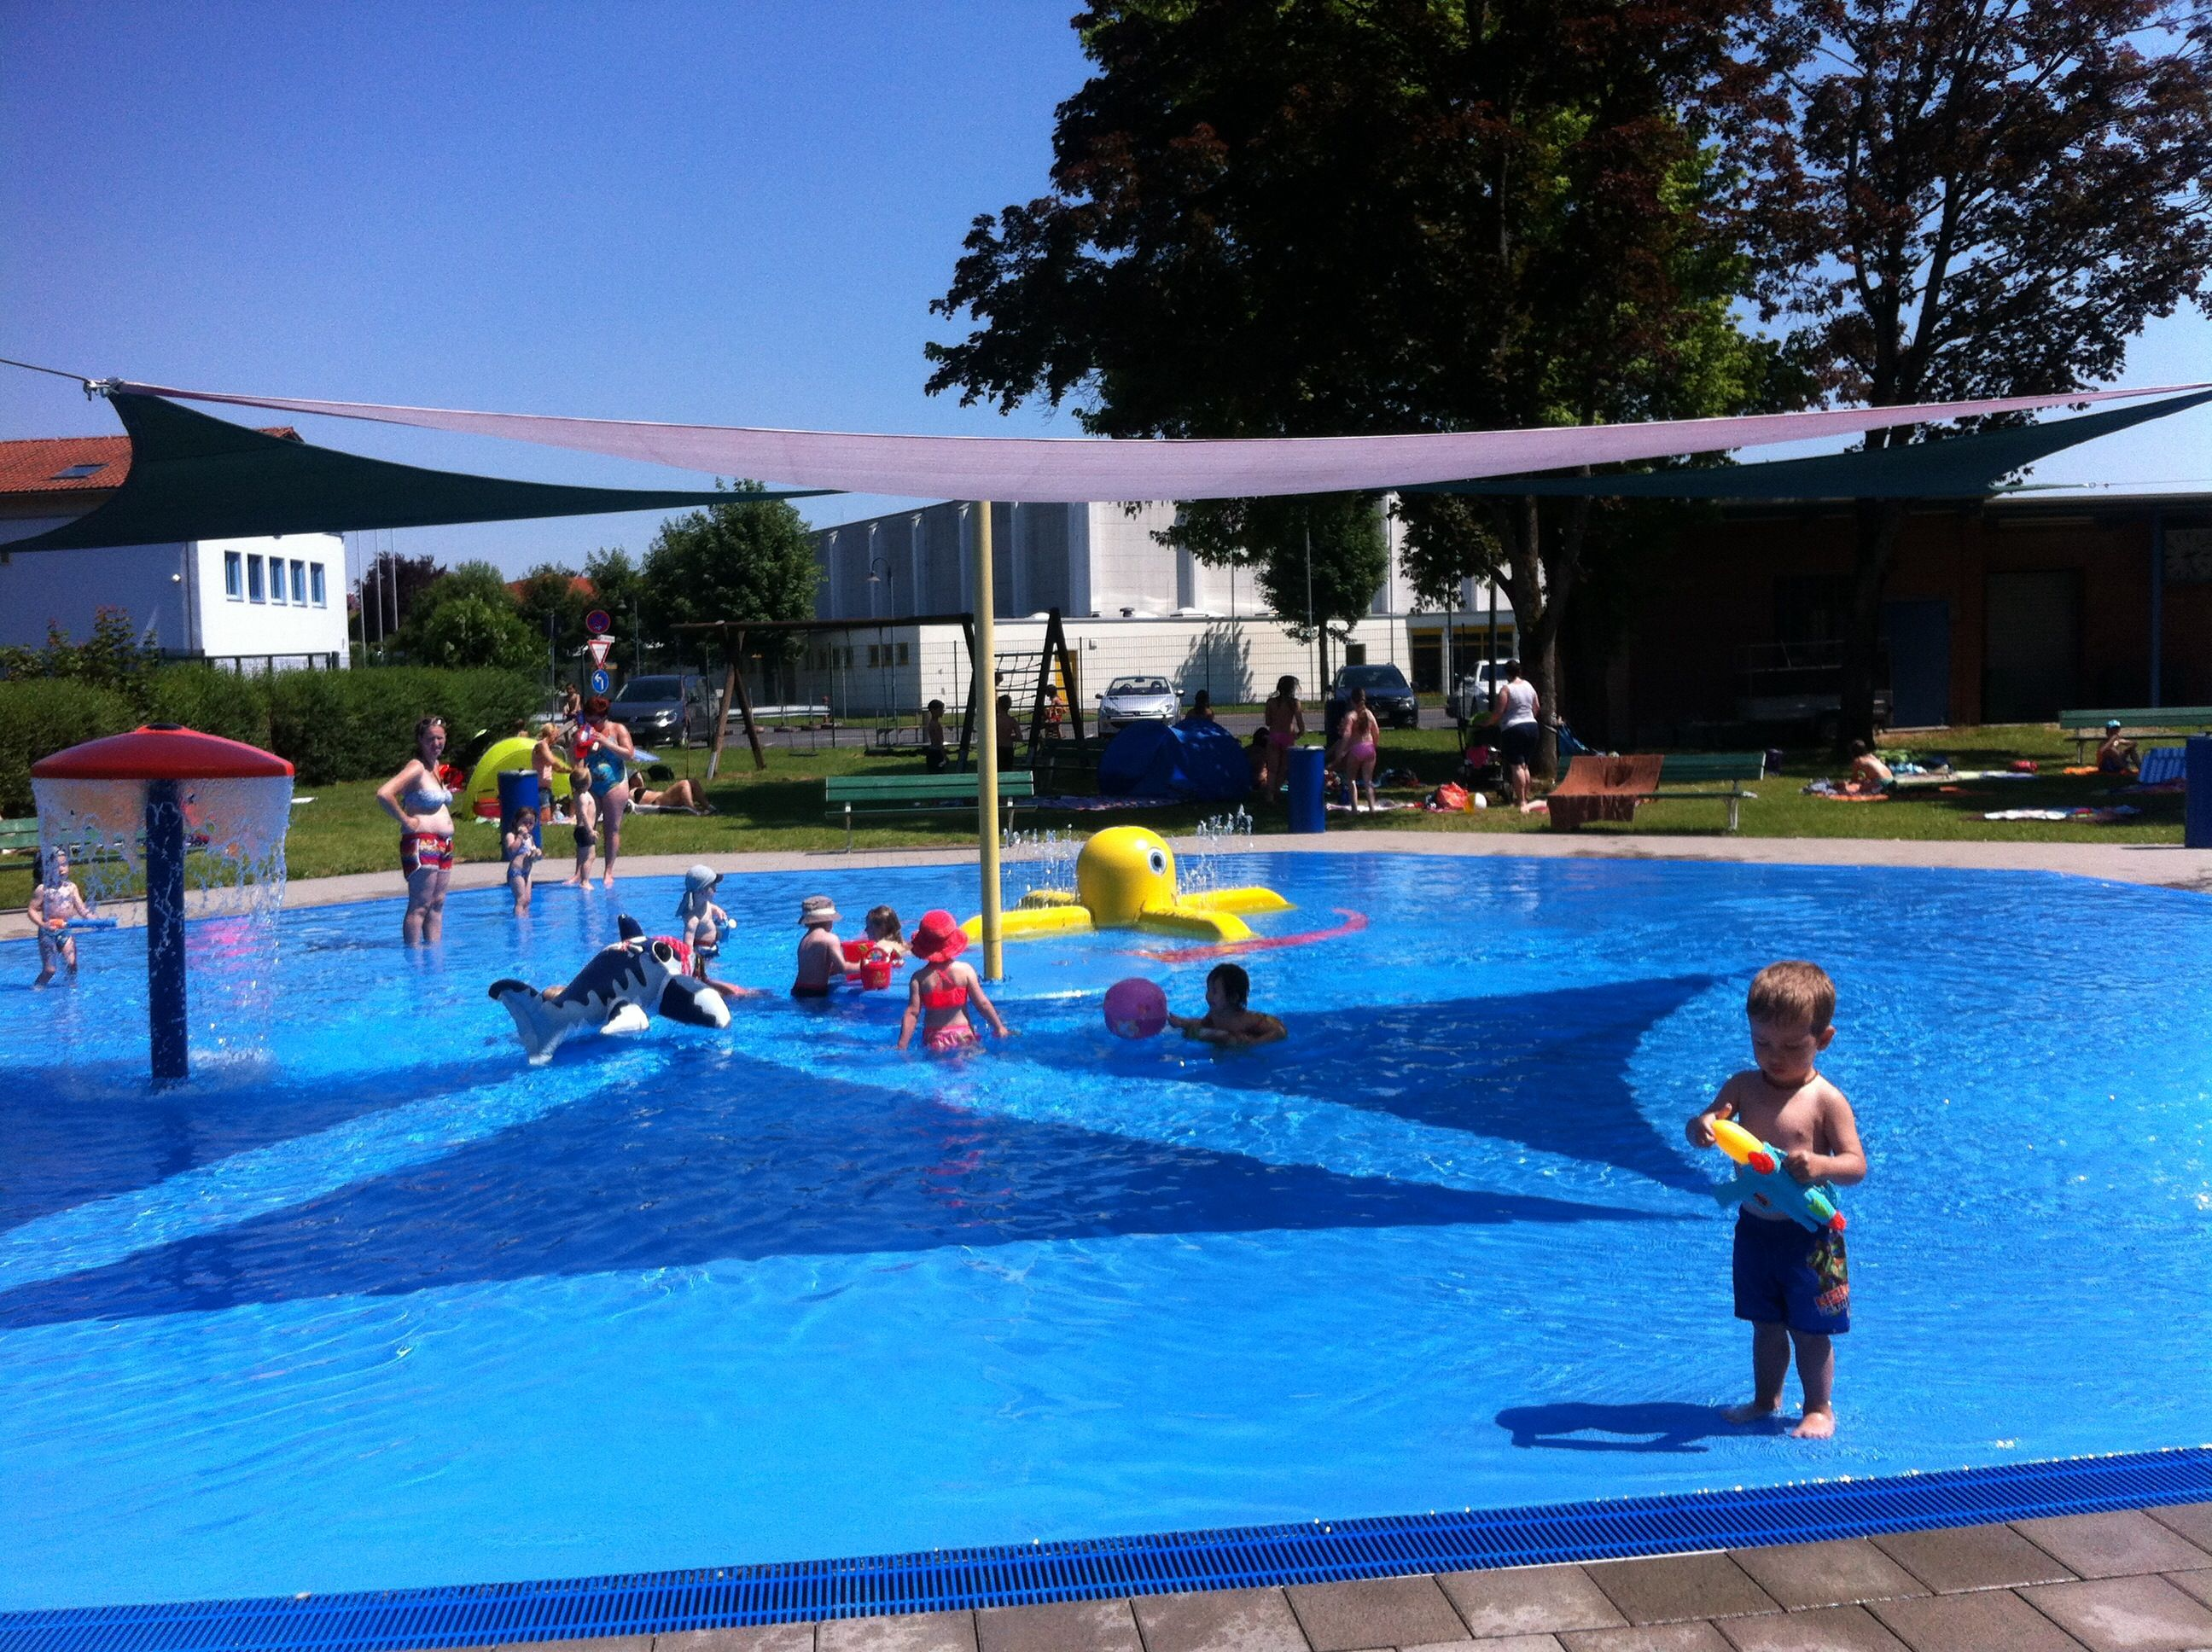 Becken Fur Die Kleinsten Im Schwimmbad Von Steinau An Der Strasse 2015 Steinau An Der Strasse Historische Fotos Schwimmbader